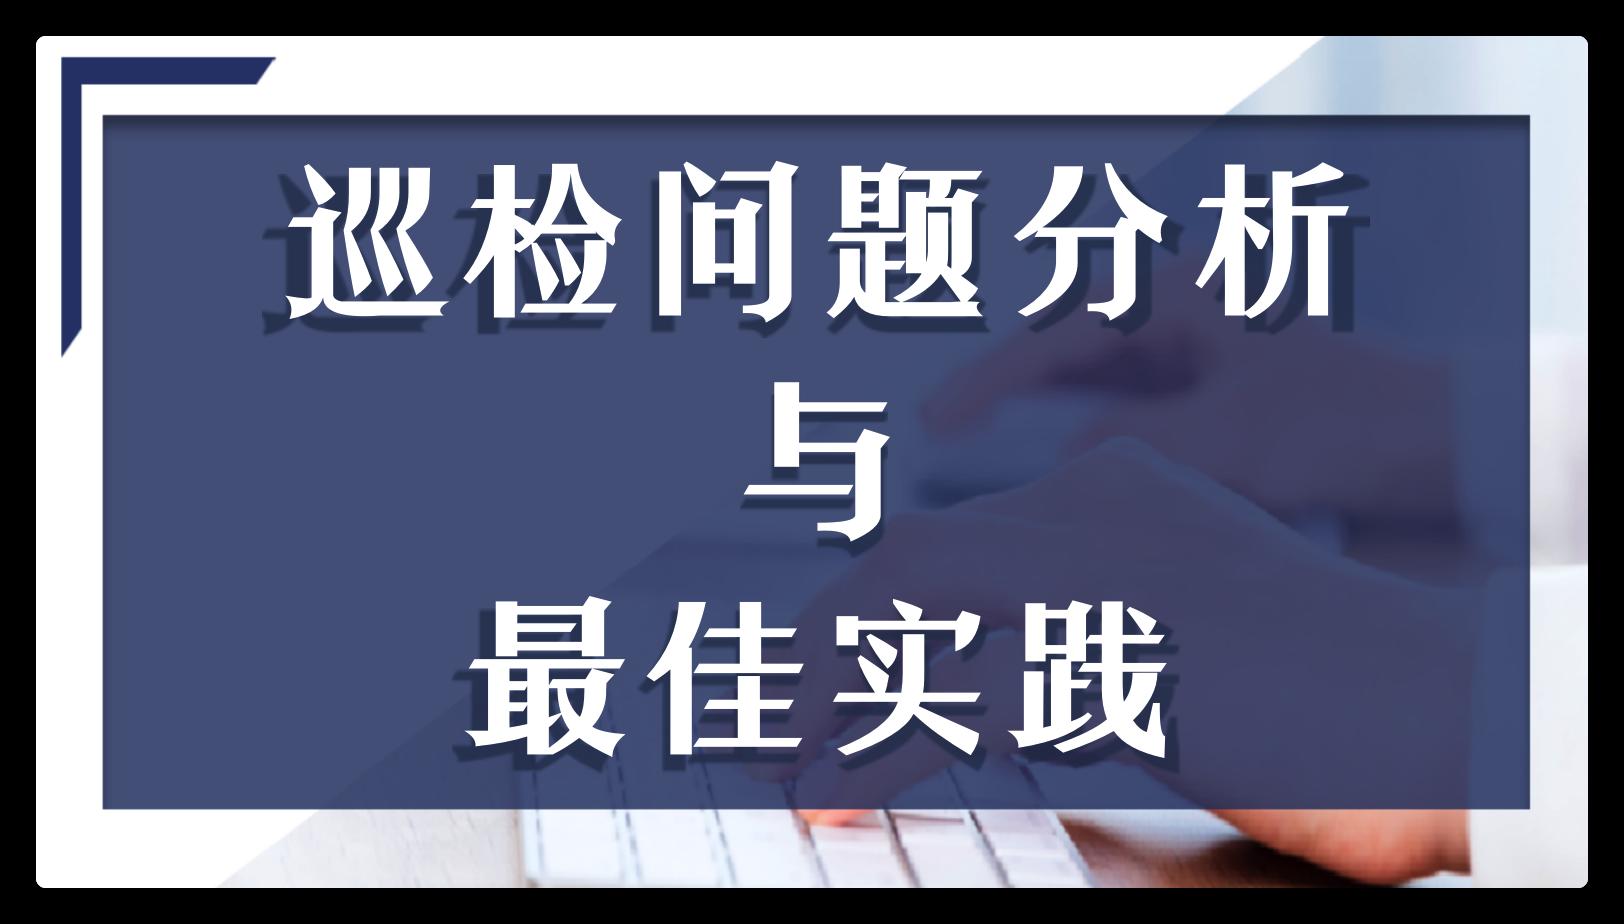 【巡检问题分析与最佳实践】PolarDB 流量 & 代理问题